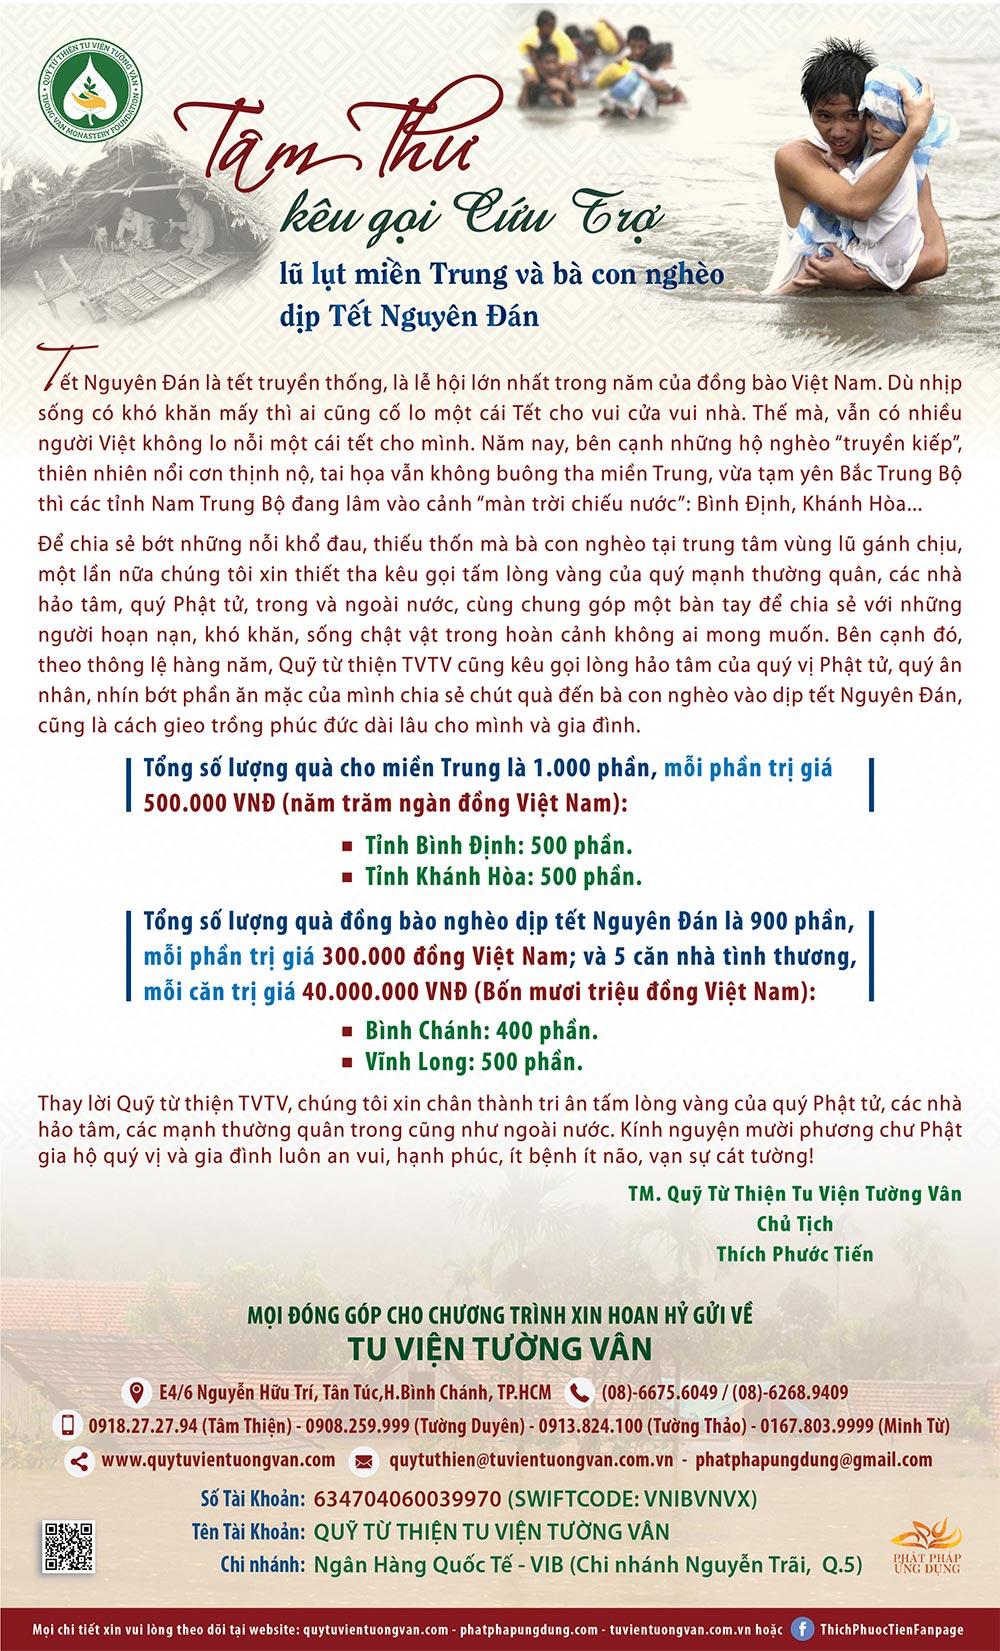 Tâm thư kêu gọi cứu trợ lũ lụt miền Trung và bà con nghèo dịp Tết Nguyên Đán 2017 - 01